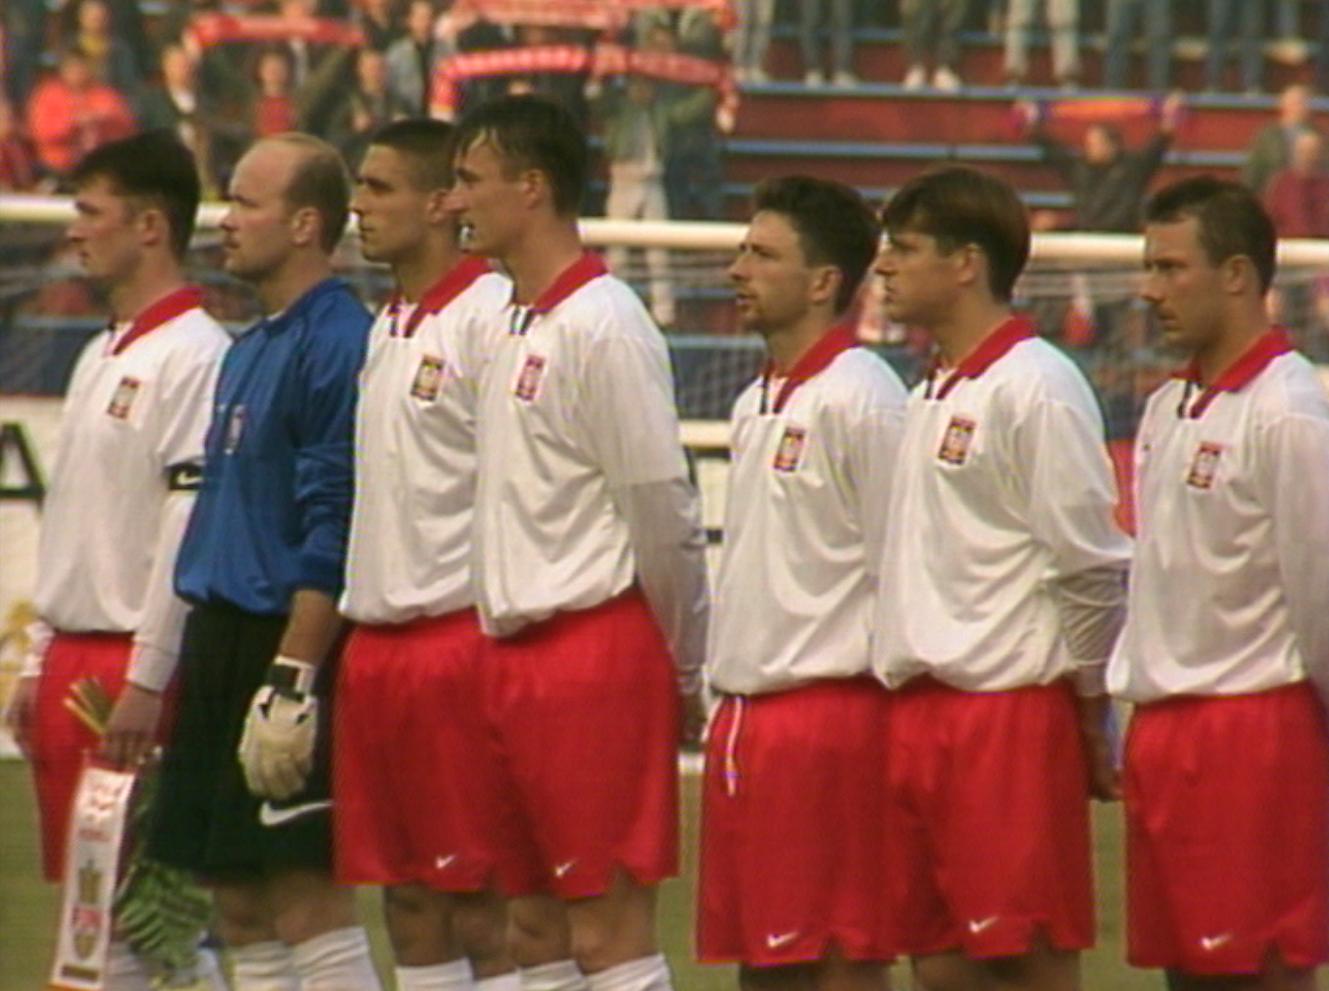 Reprezentacja Polski przed meczem z Czechami w Ostrawie.